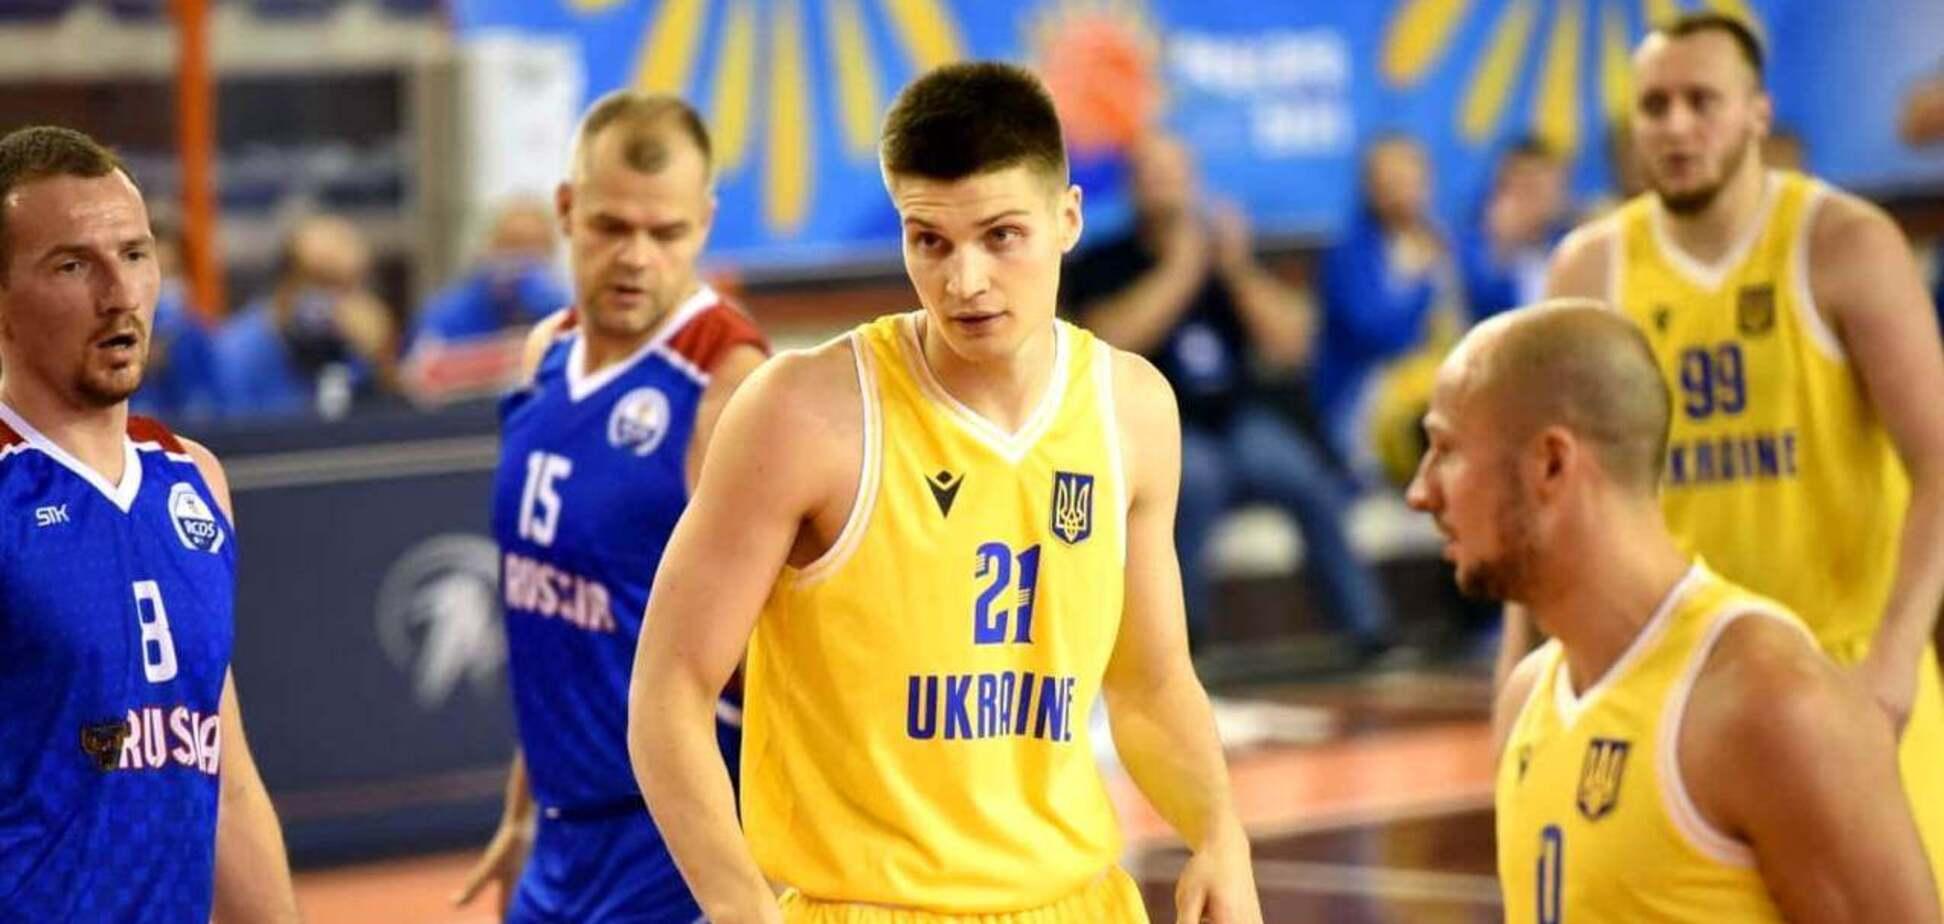 Украинцы победили россиян в финале особого чемпионата Европы по баскетболу